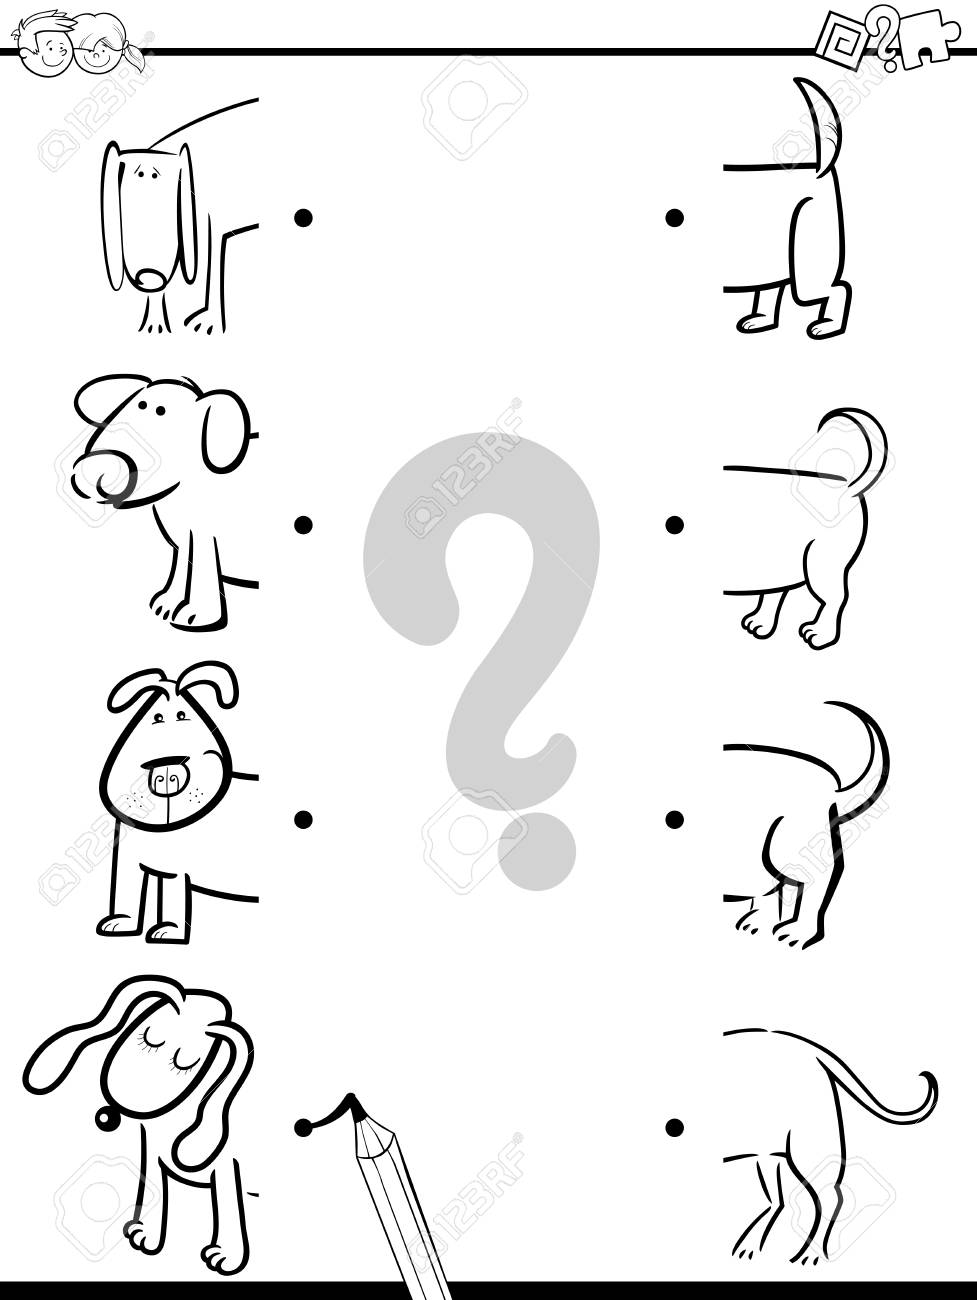 Dibujos Animados De Blanco Y Negro Ilustración De La Actividad De Educación Preescolar De Juego Mitades De Tareas Con Caracteres Del Perro Para